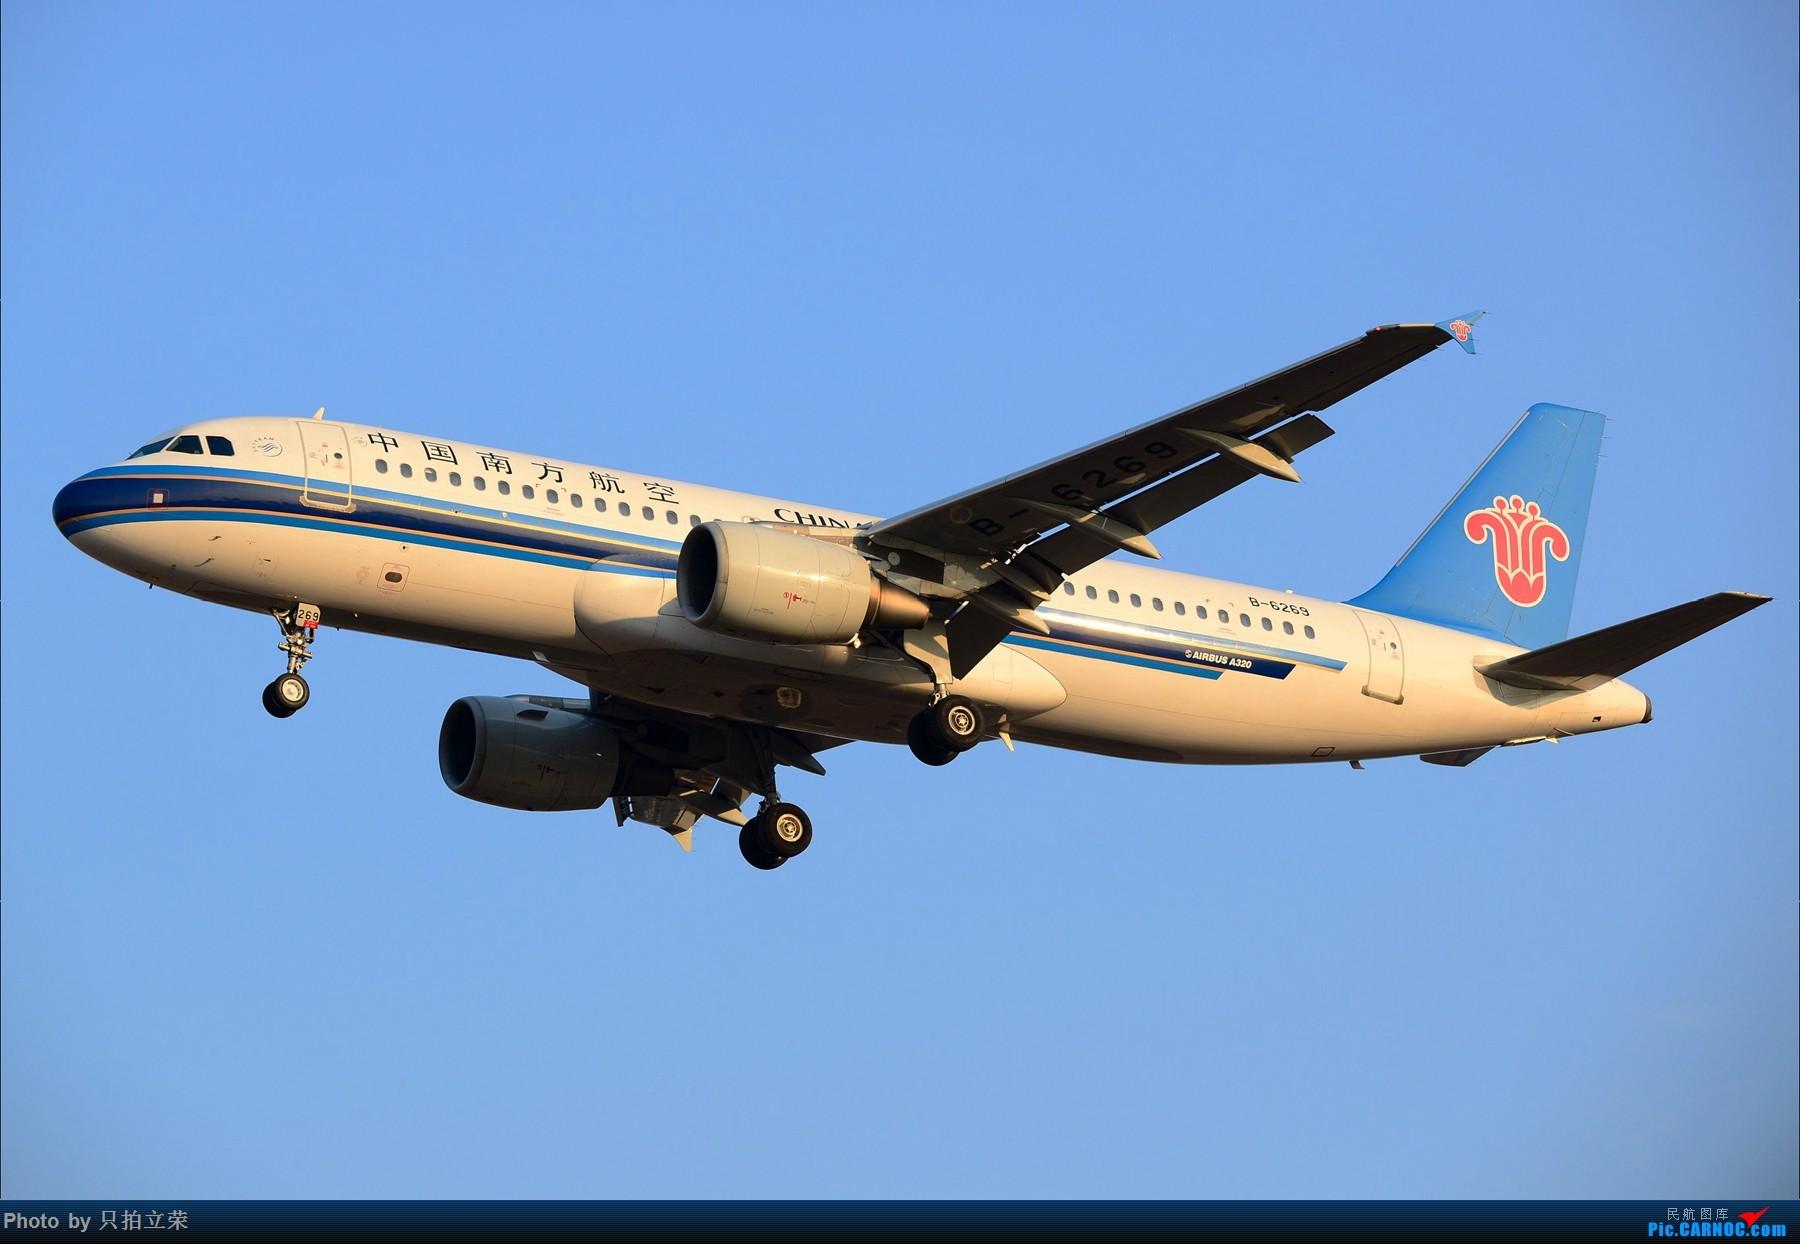 Re:[原创]湖南飞友会-难得好天气巴铁伊尔-78再访长沙! AIRBUS A320-200 B-6269 中国长沙黄花国际机场